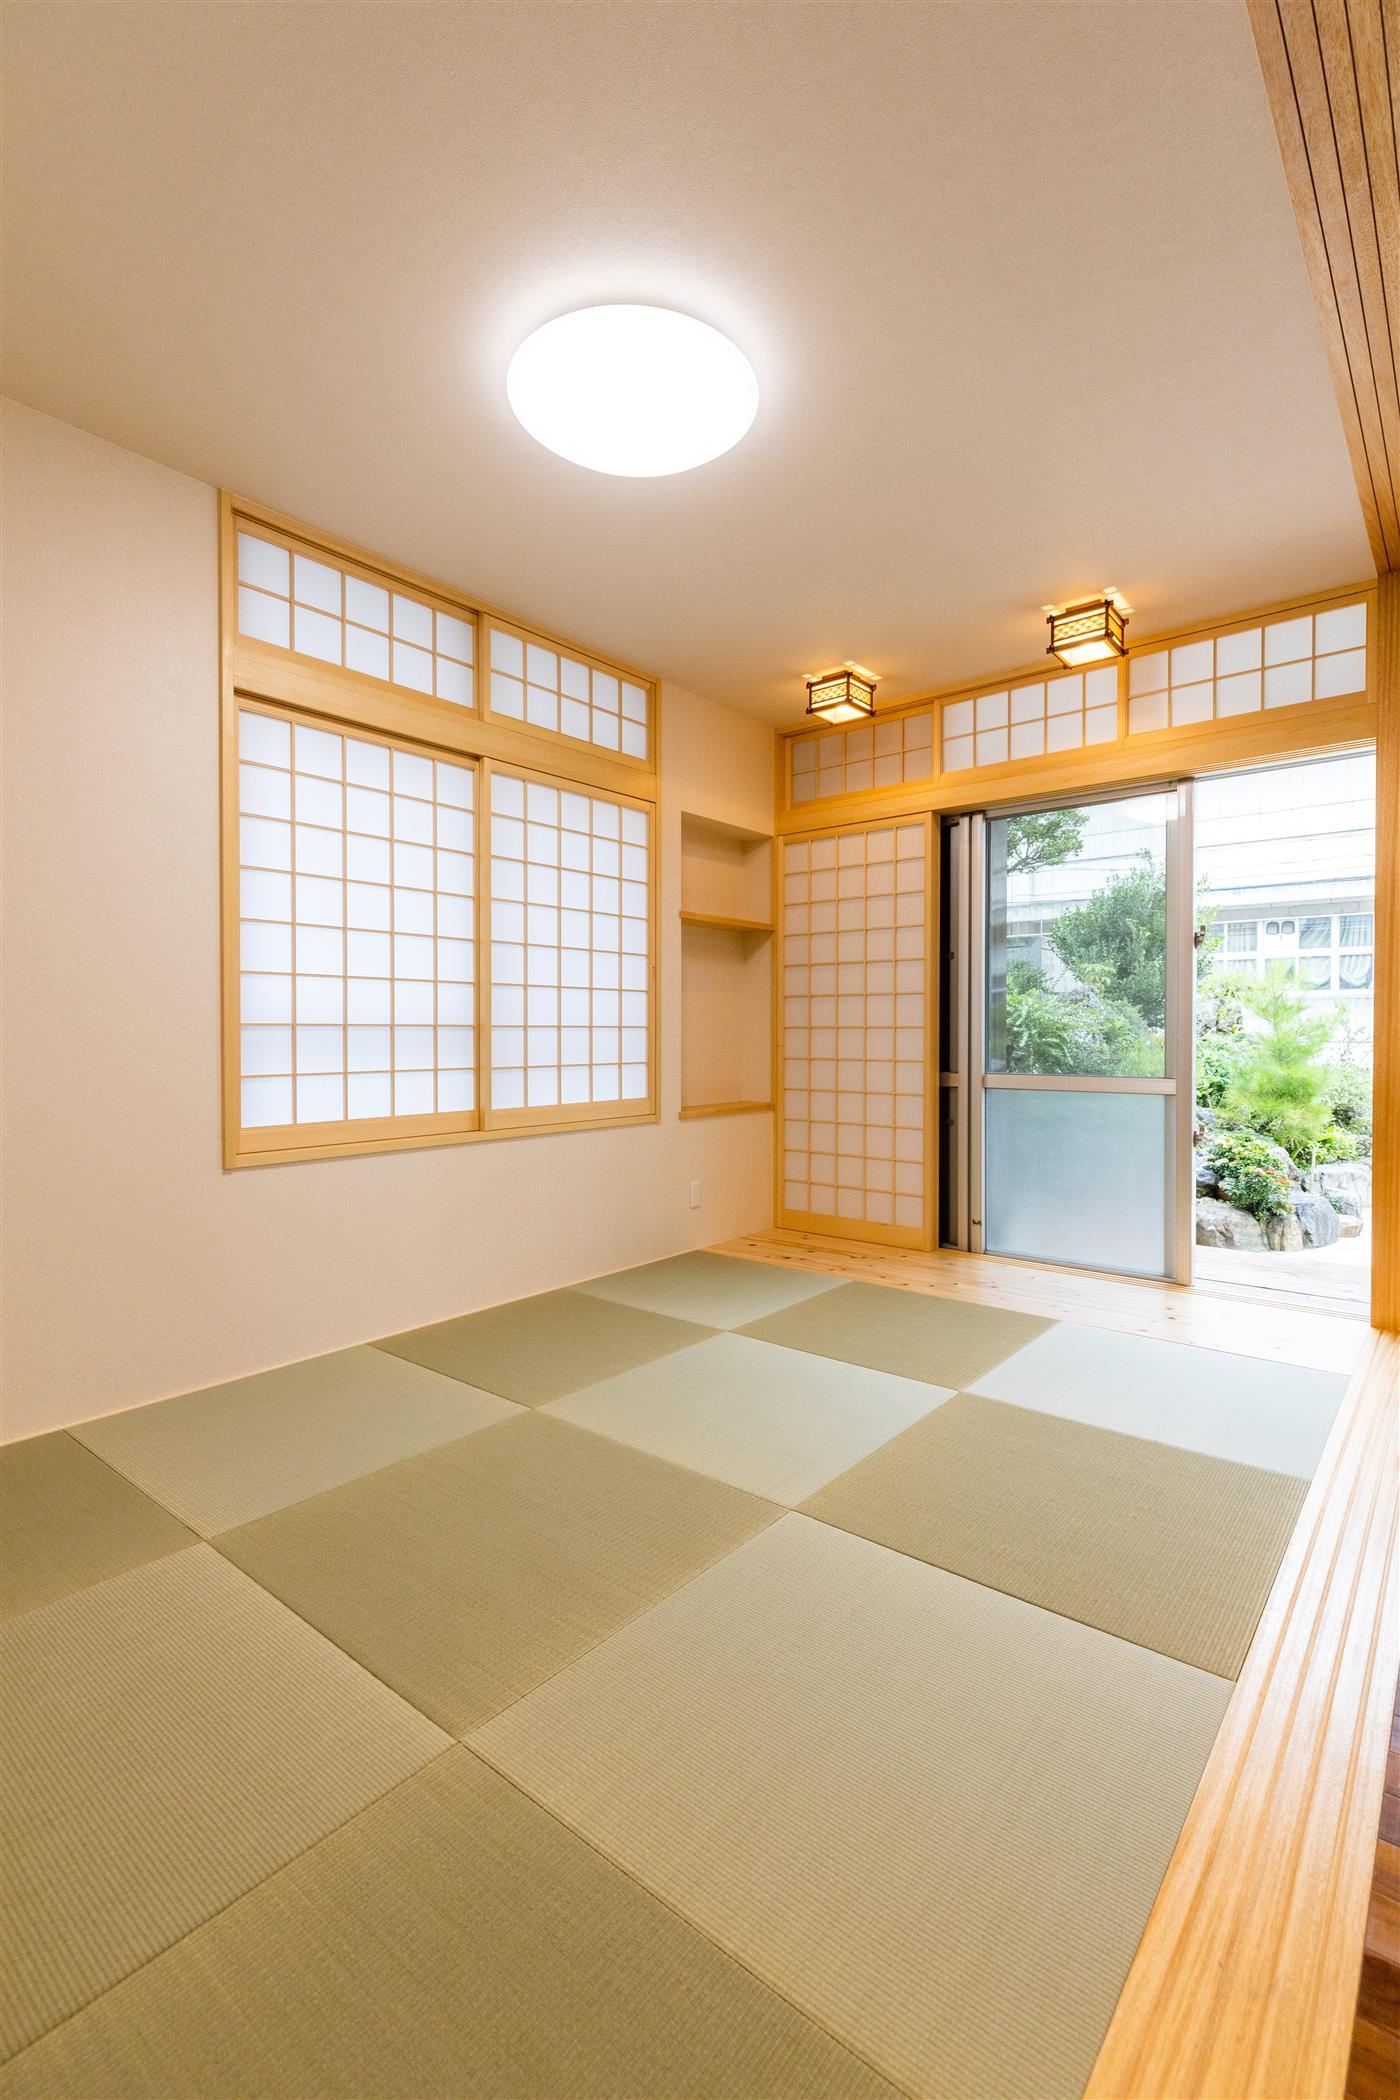 和室造作(リフォーム施工事例)を公開しました。 | 沖縄や那覇でリフォームするなら【株式会社 あうん工房】